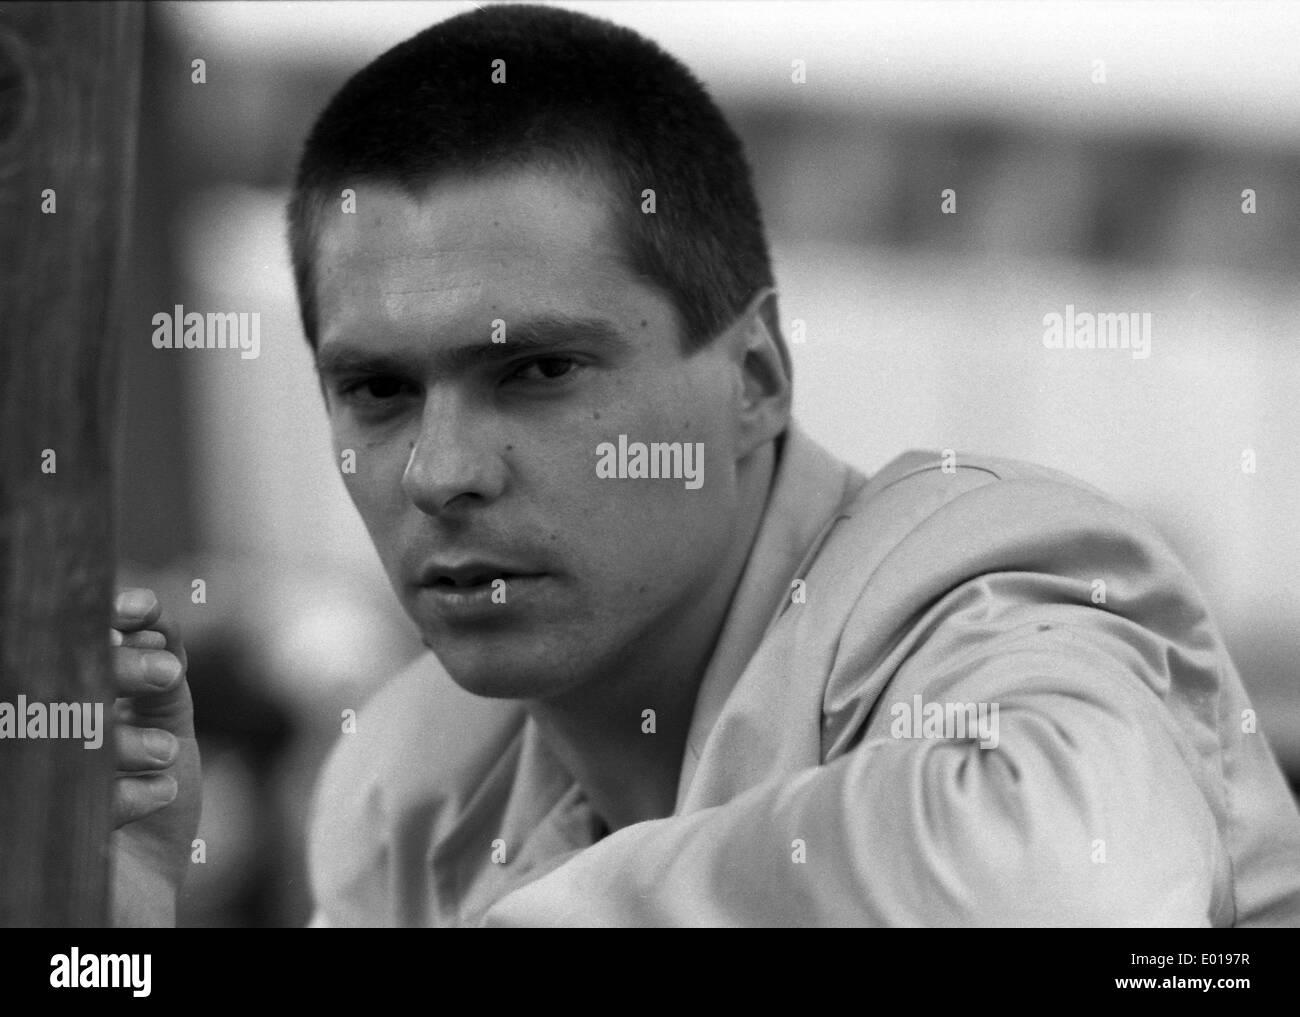 Manfred Maurer, 1998 - Stock Image